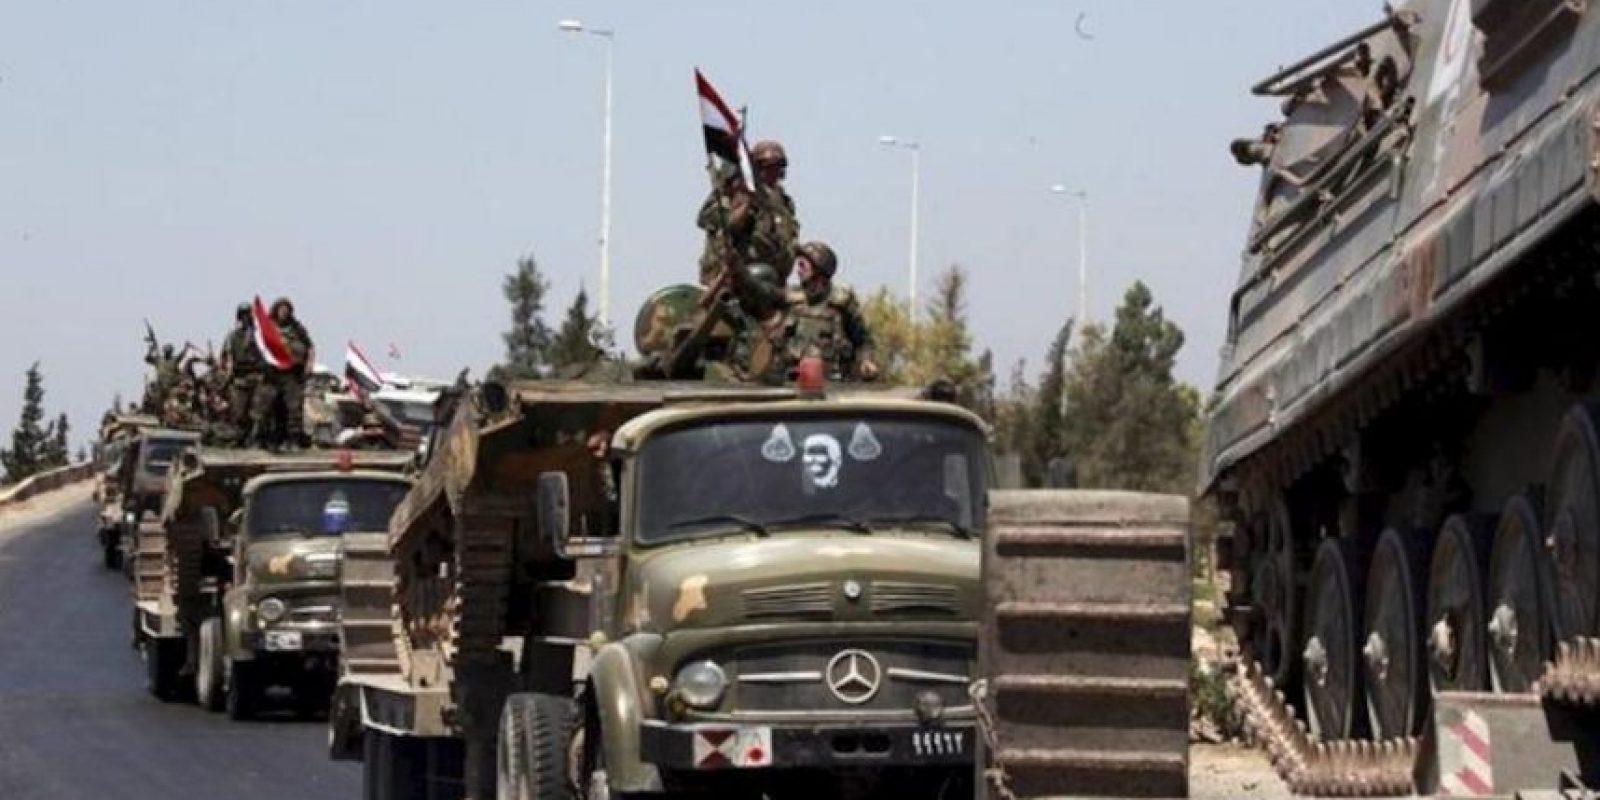 Los tanques del ejército sirio en la provincia de Hama, Siria, en agosto de 2011. EFE/Archivo